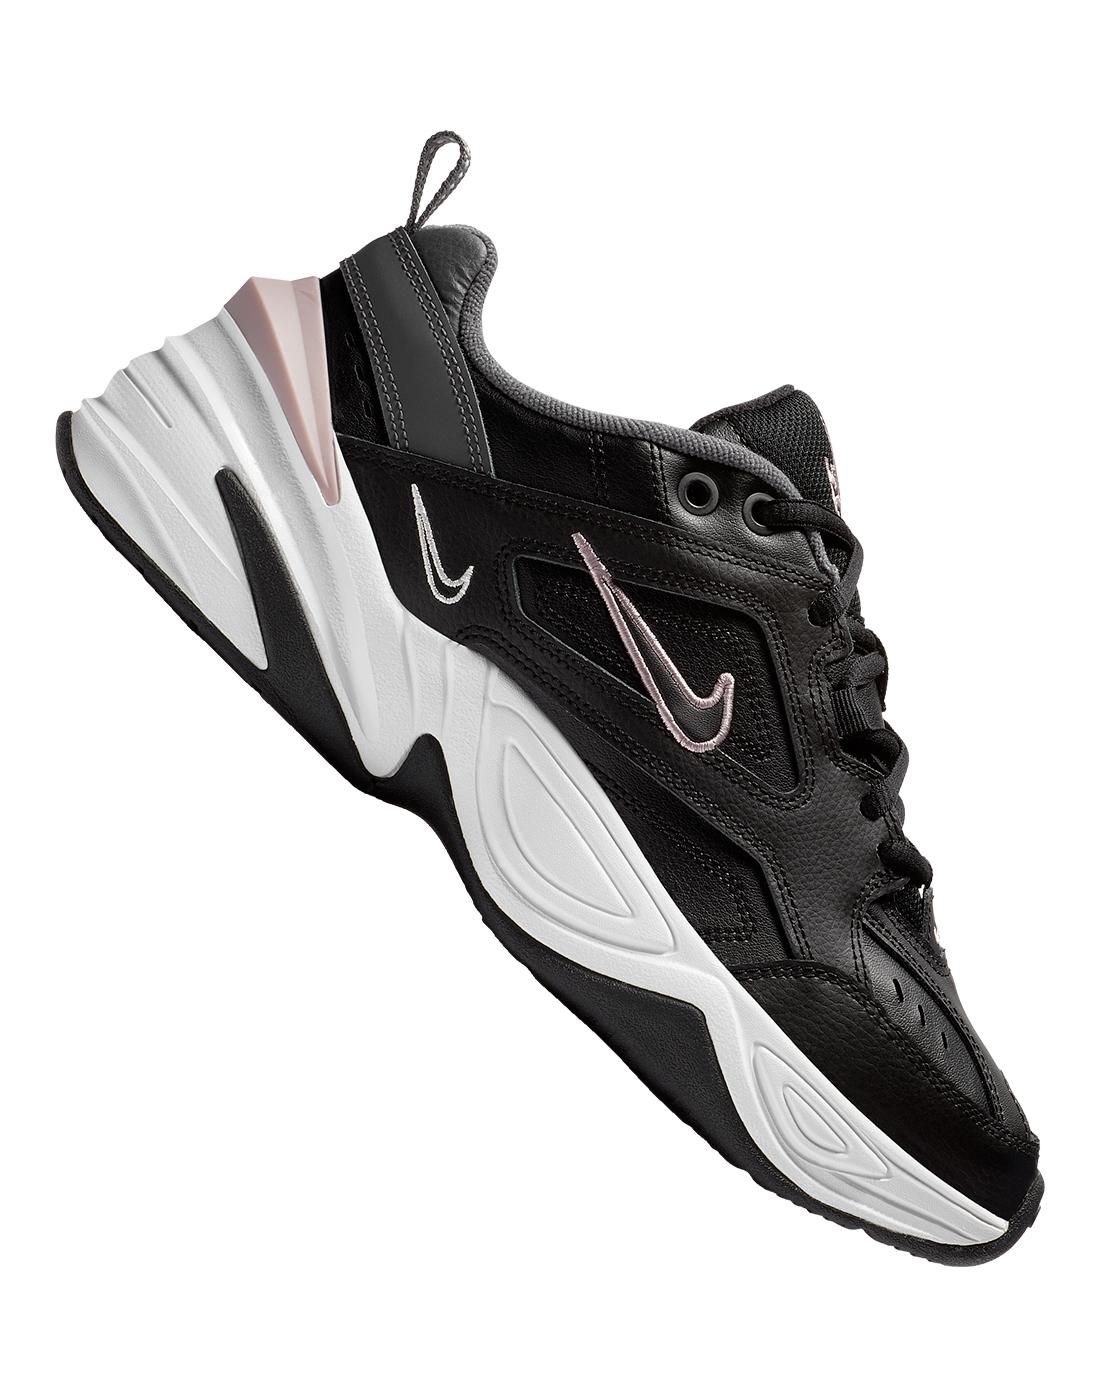 7ae4a3759f4e Women's Black Nike M2K Tekno | Life Style Sports